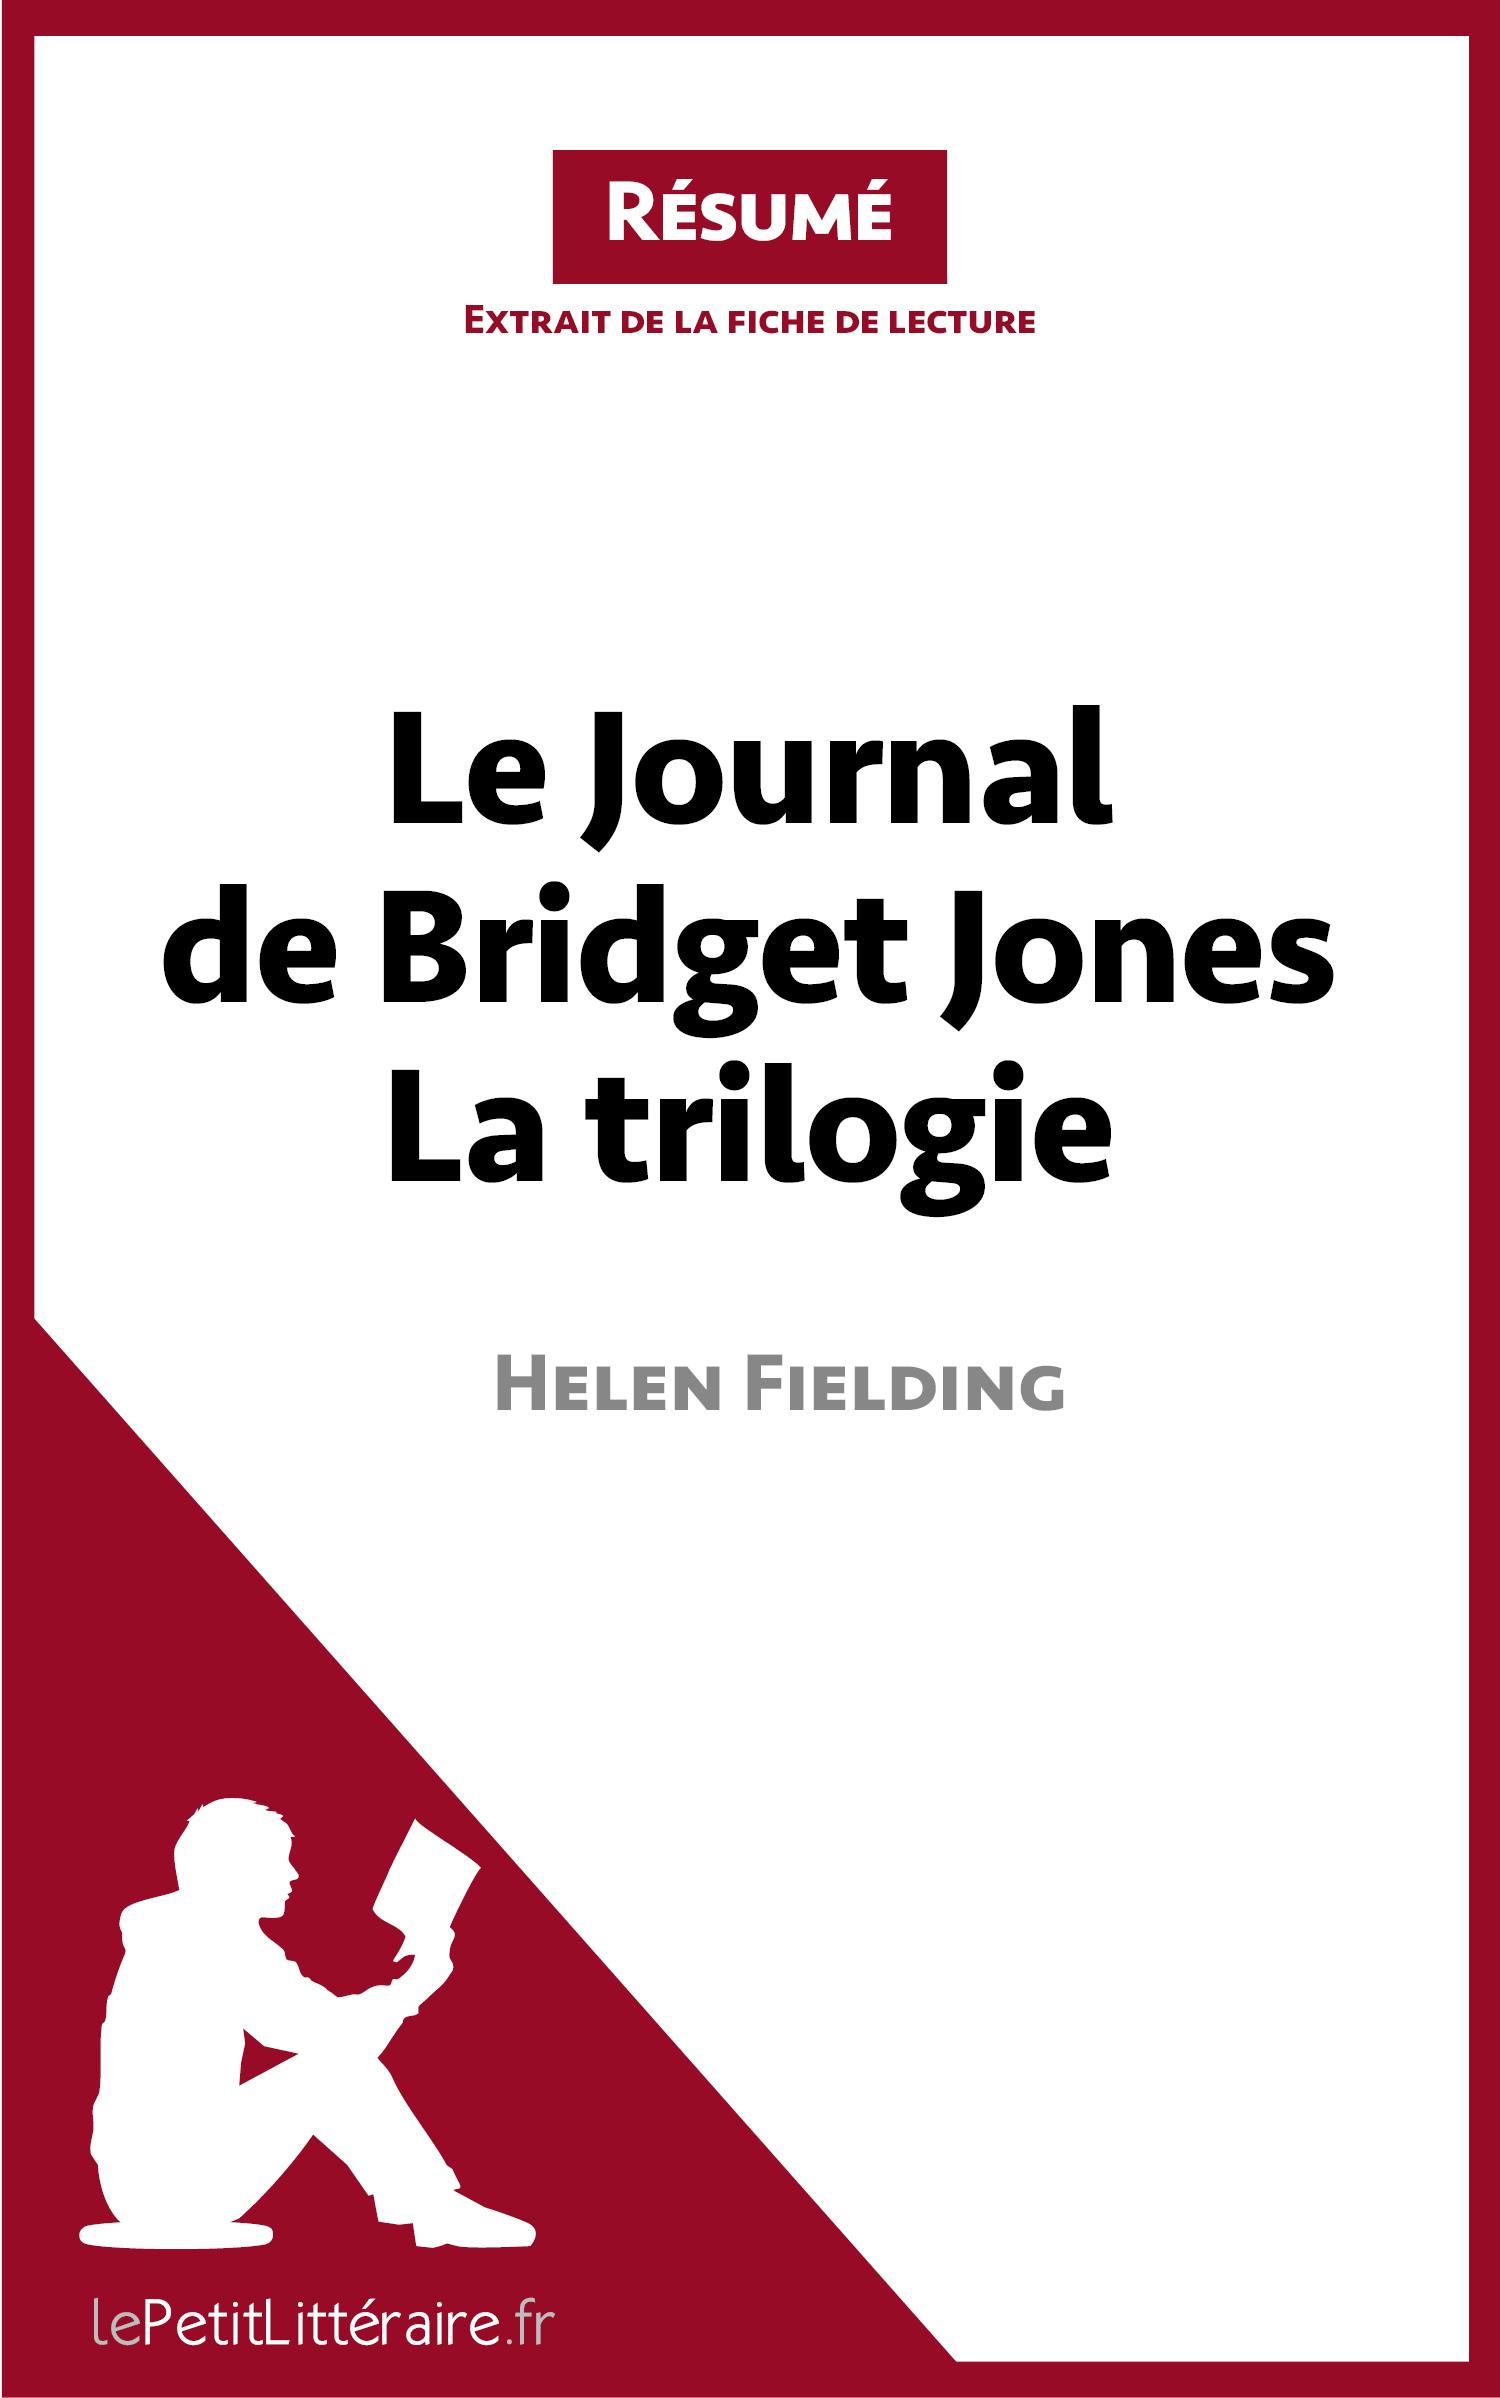 Le Journal de Bridget Jones - La trilogie